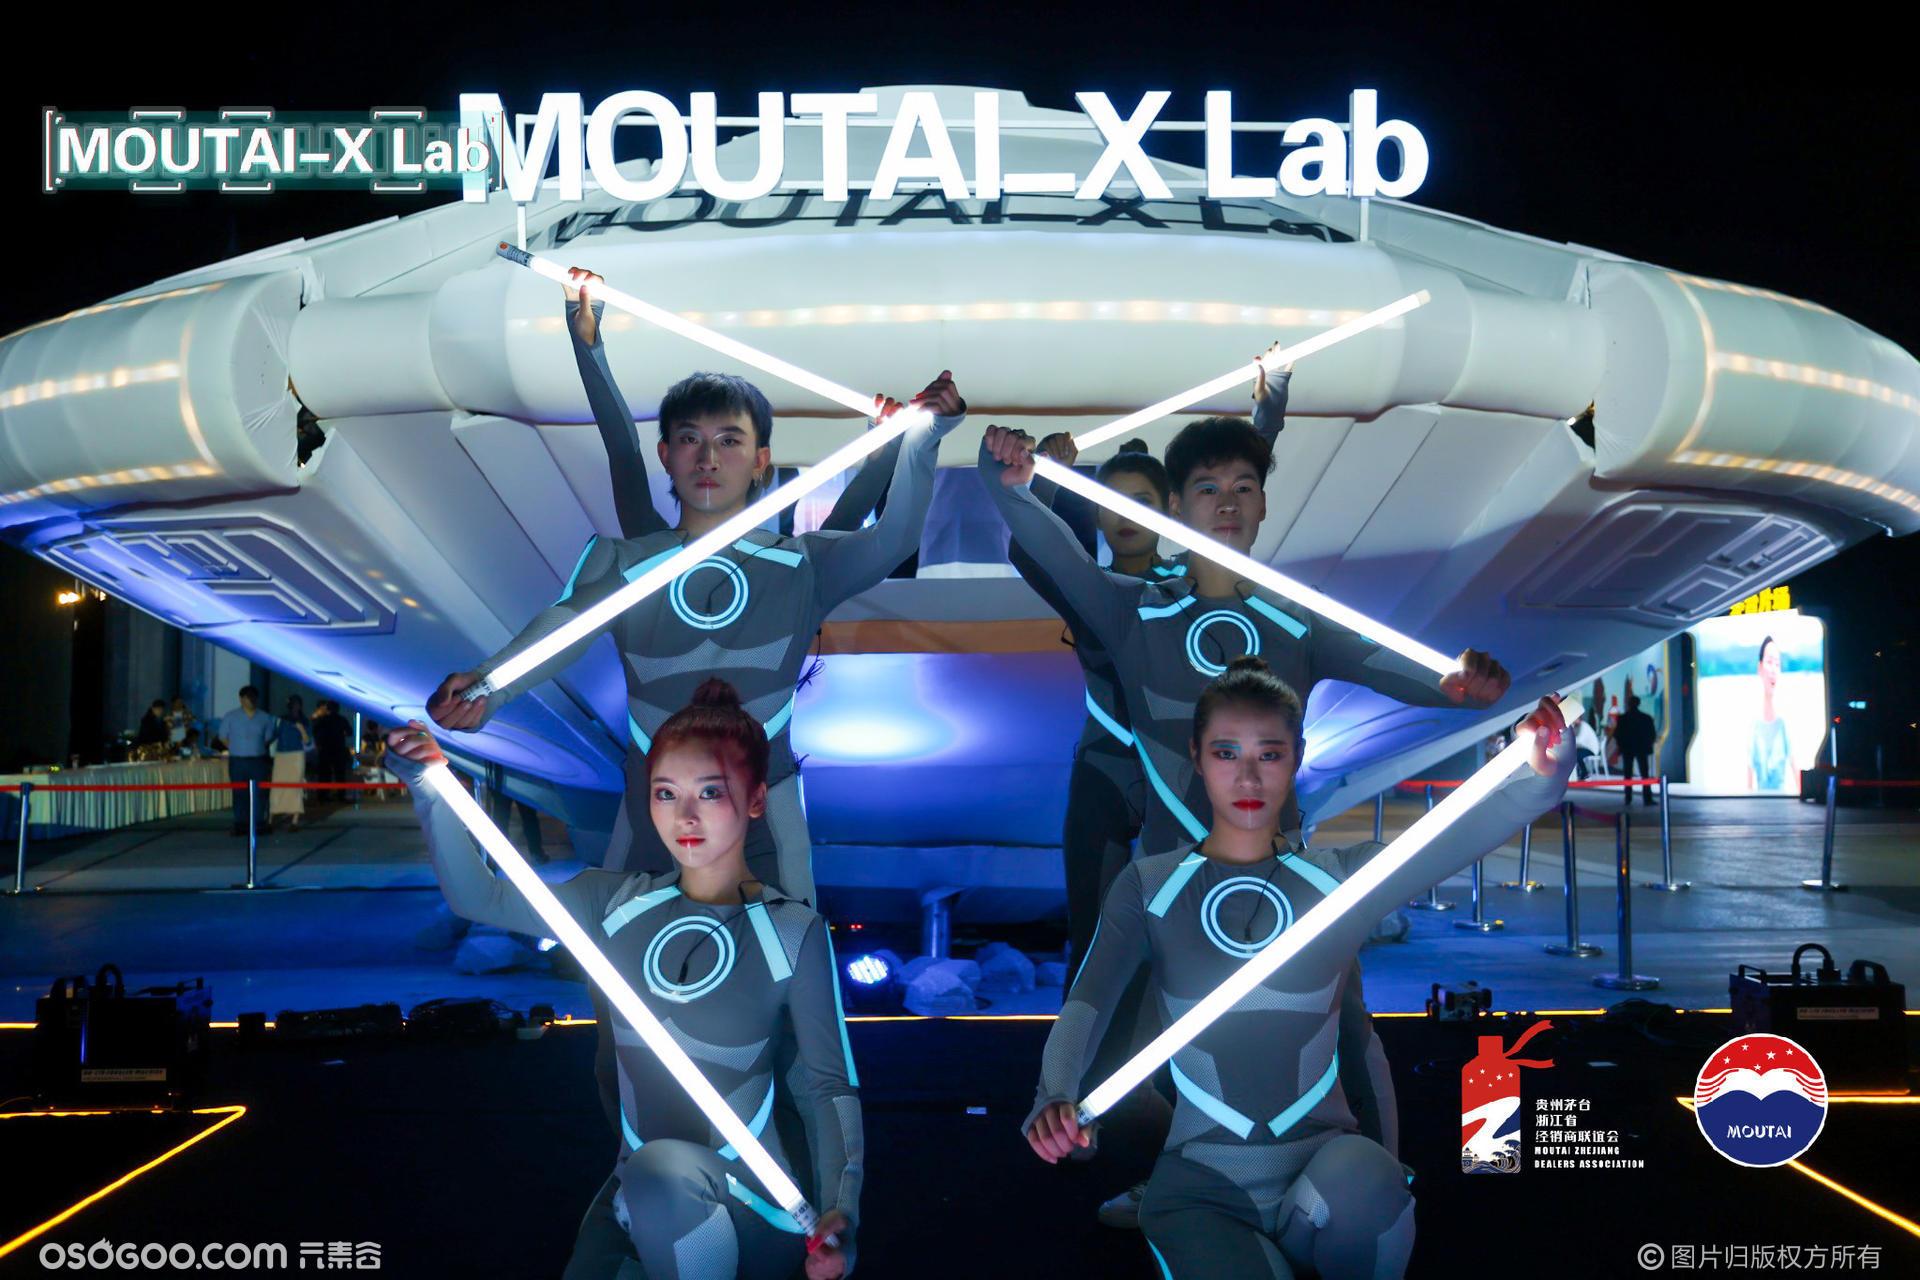 茅台文化夜光嘉年华MOUTAI-X Lab